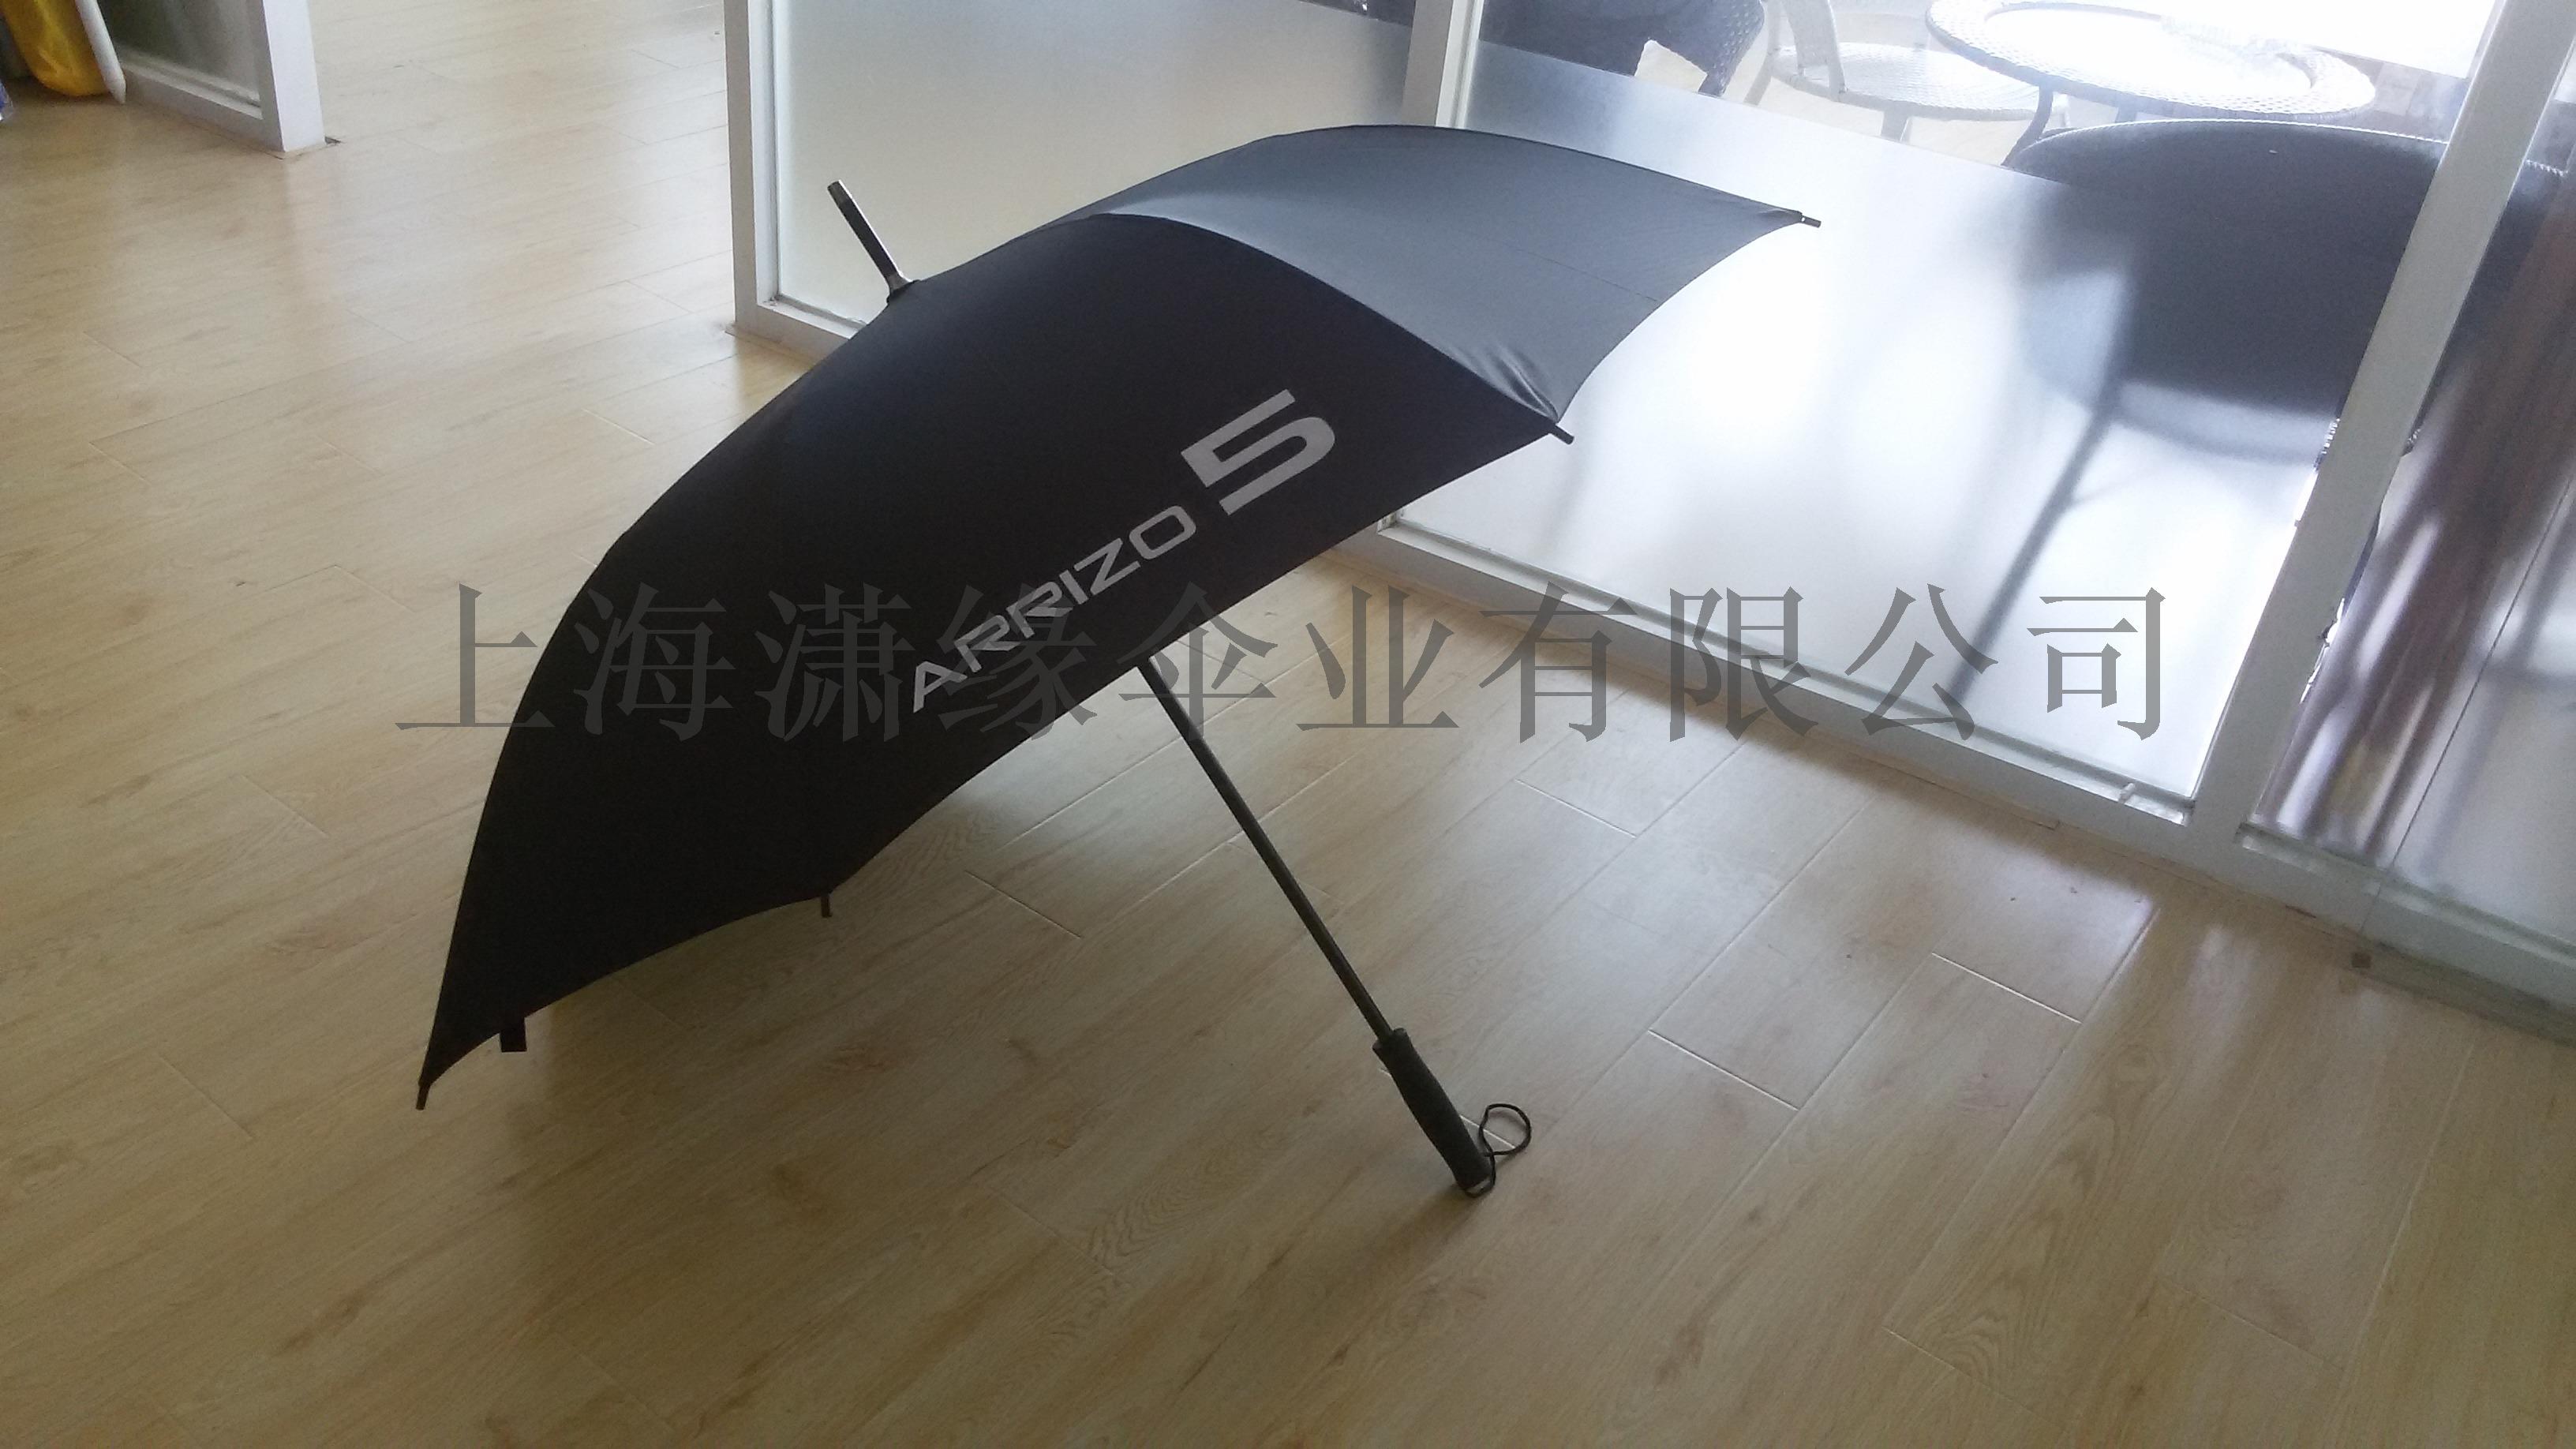 广告遮阳伞 广告雨伞 奥迪汽车广告伞 木中棒伞117170662